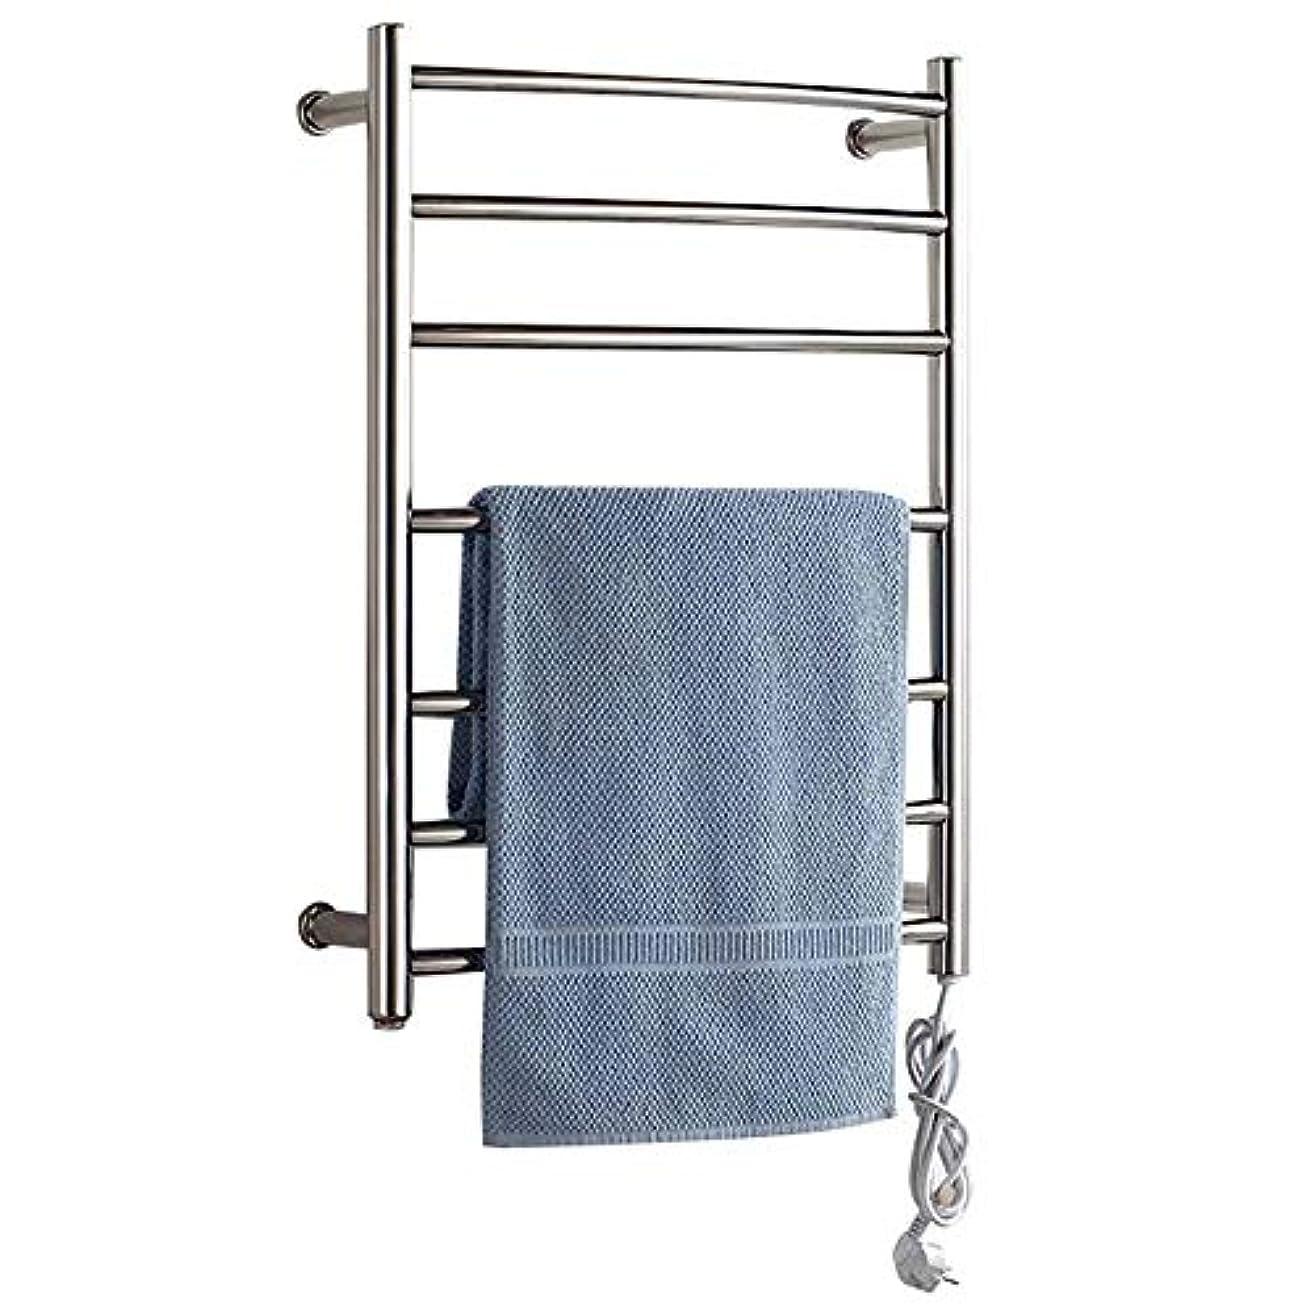 カポック溝直面する壁掛け式電気タオルウォーマー、加熱タオルラック浴室ラジエーター、浴室乾燥ラック、304ステンレス鋼、恒温乾燥、防水および防錆700 * 520 * 125mm